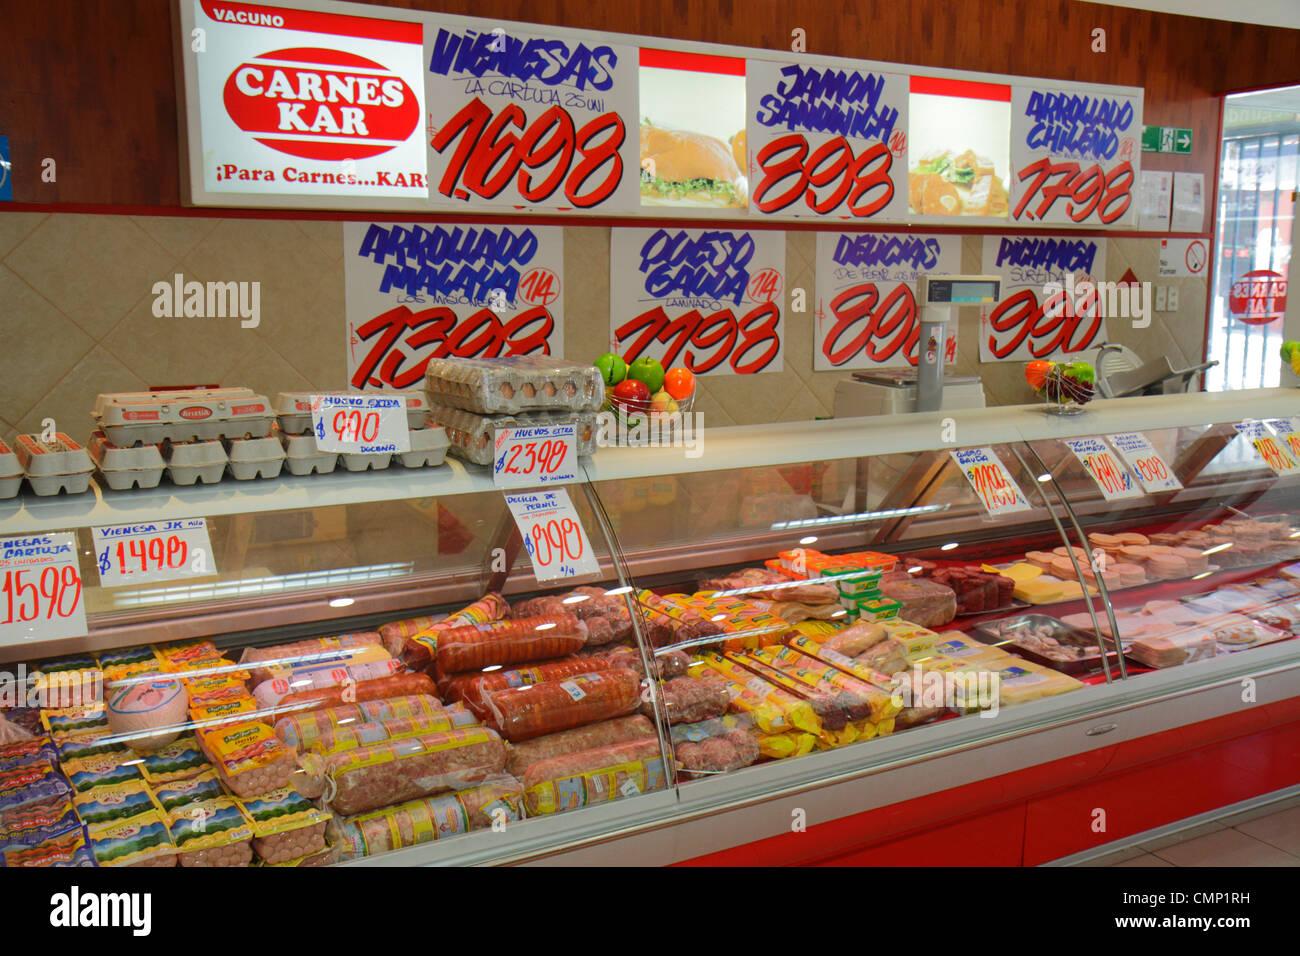 Chile Arica Paseo Peatonal 21 De Mayo Business Shopping Carnes Kar Deli Delicatessen Counter Cold Cuts Han Salads Cheese Prepare